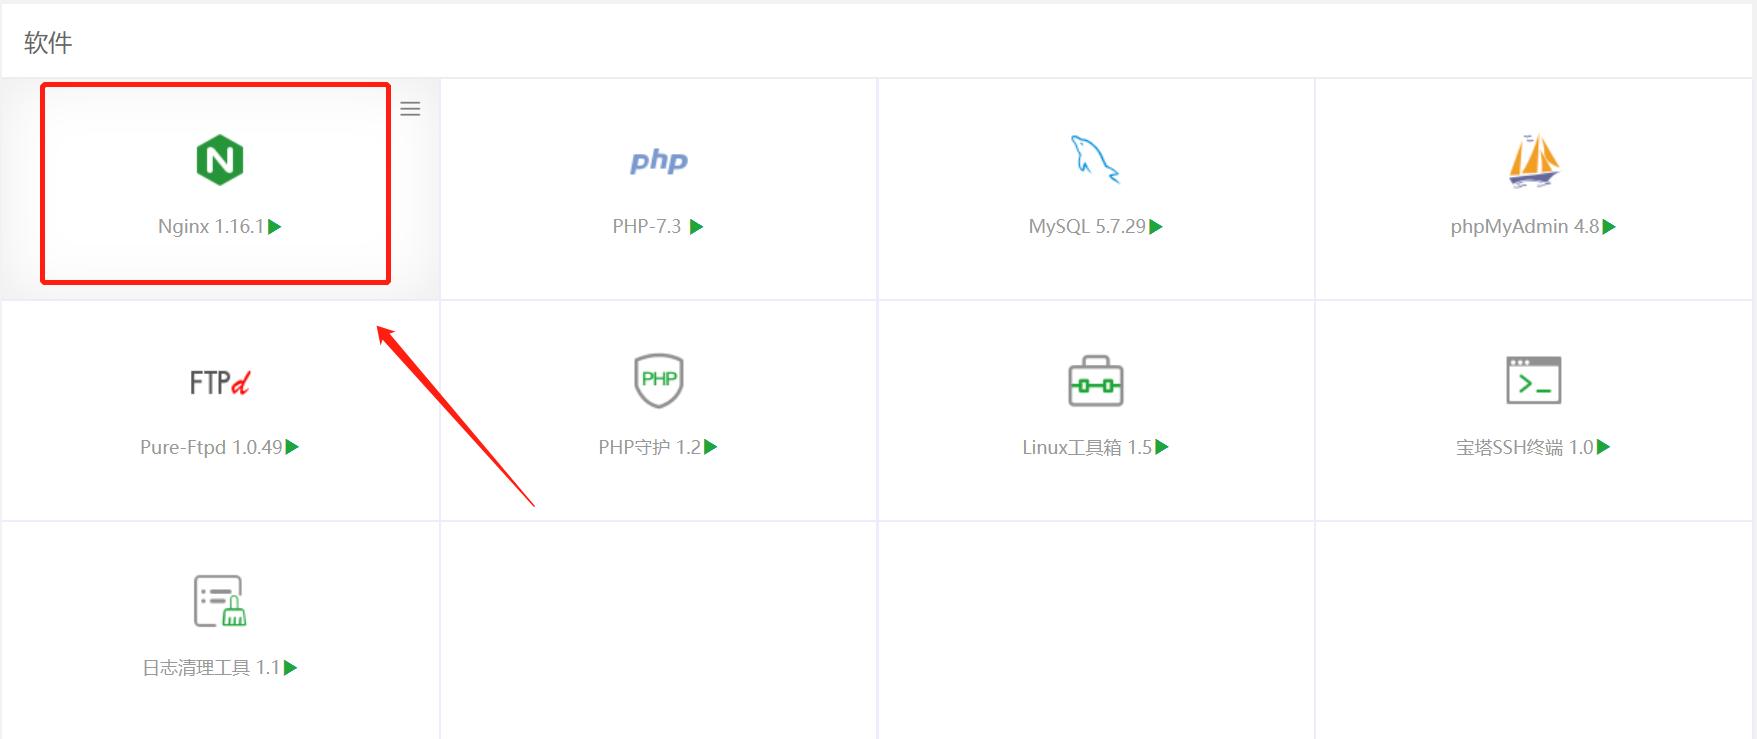 宝塔面板小技巧:套CloudFlare后,利用NGINX 获取用户真实IP